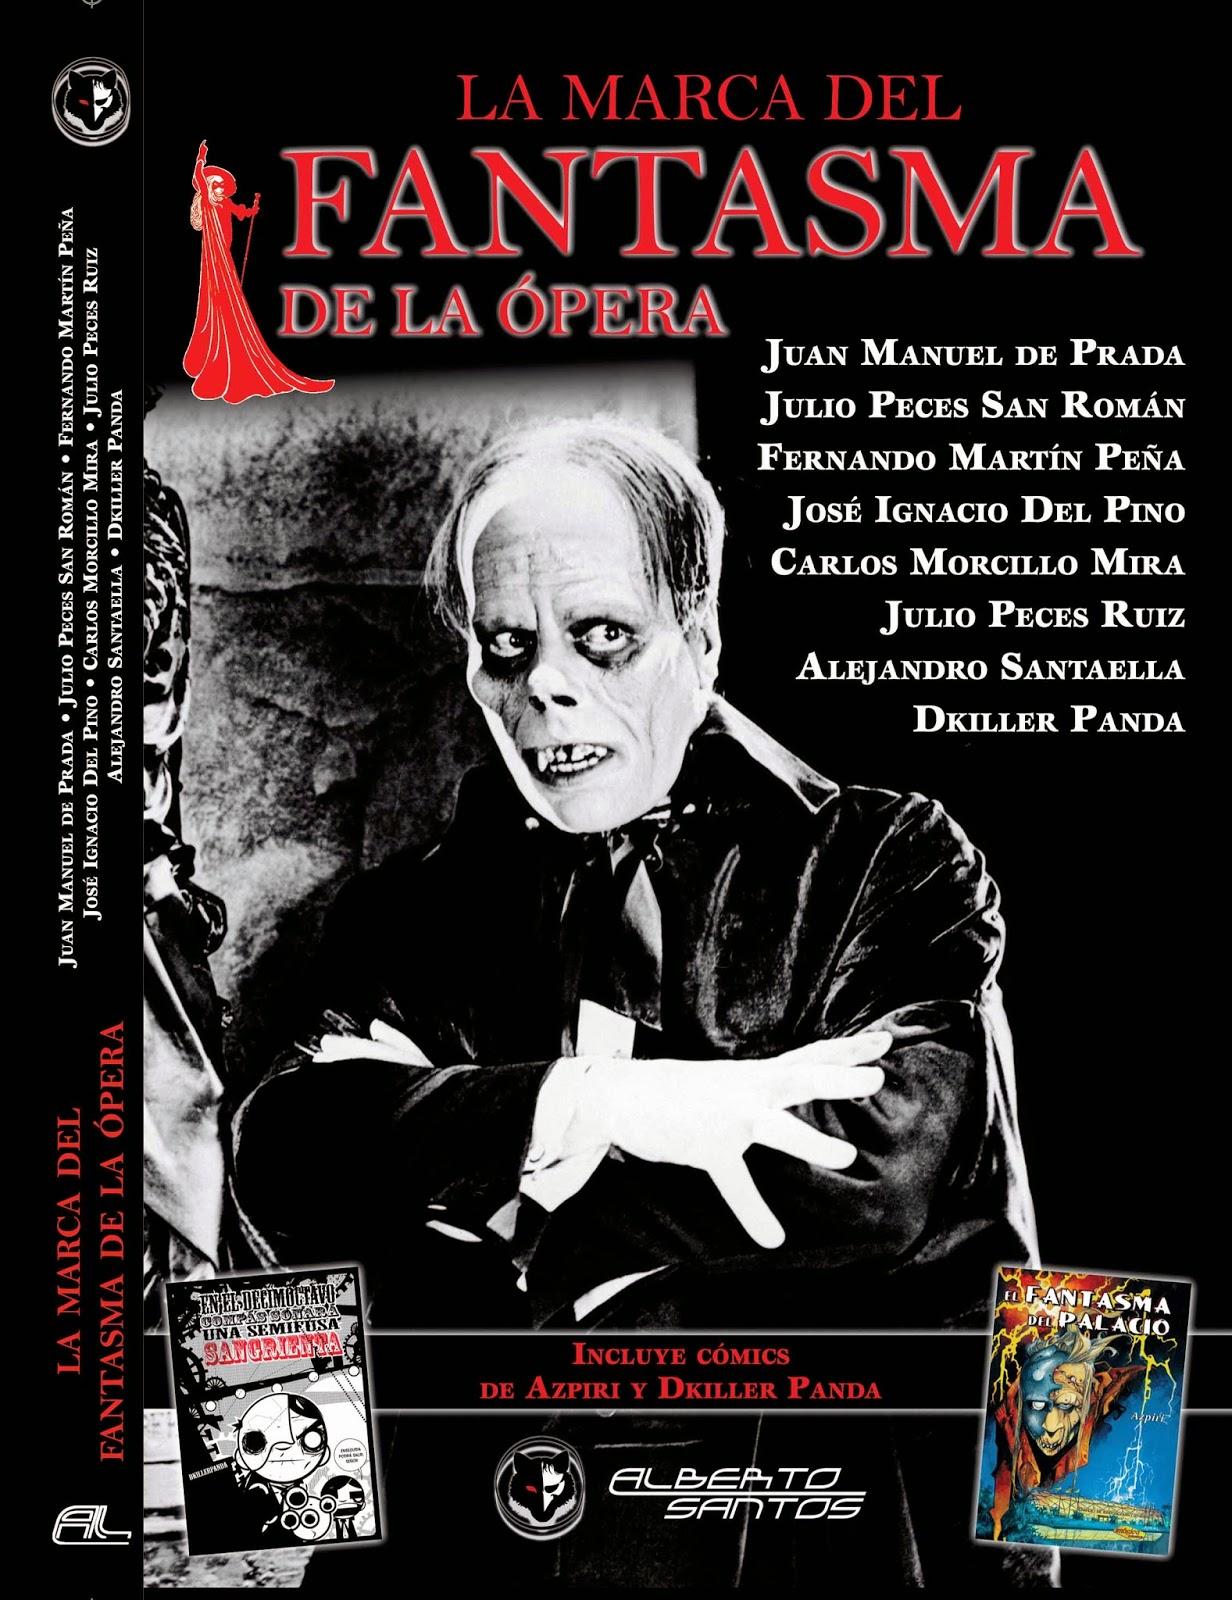 http://www.albertosantoseditor.com/shop/article_77/La-marca-del-Fantasma-de-la-Ópera.html